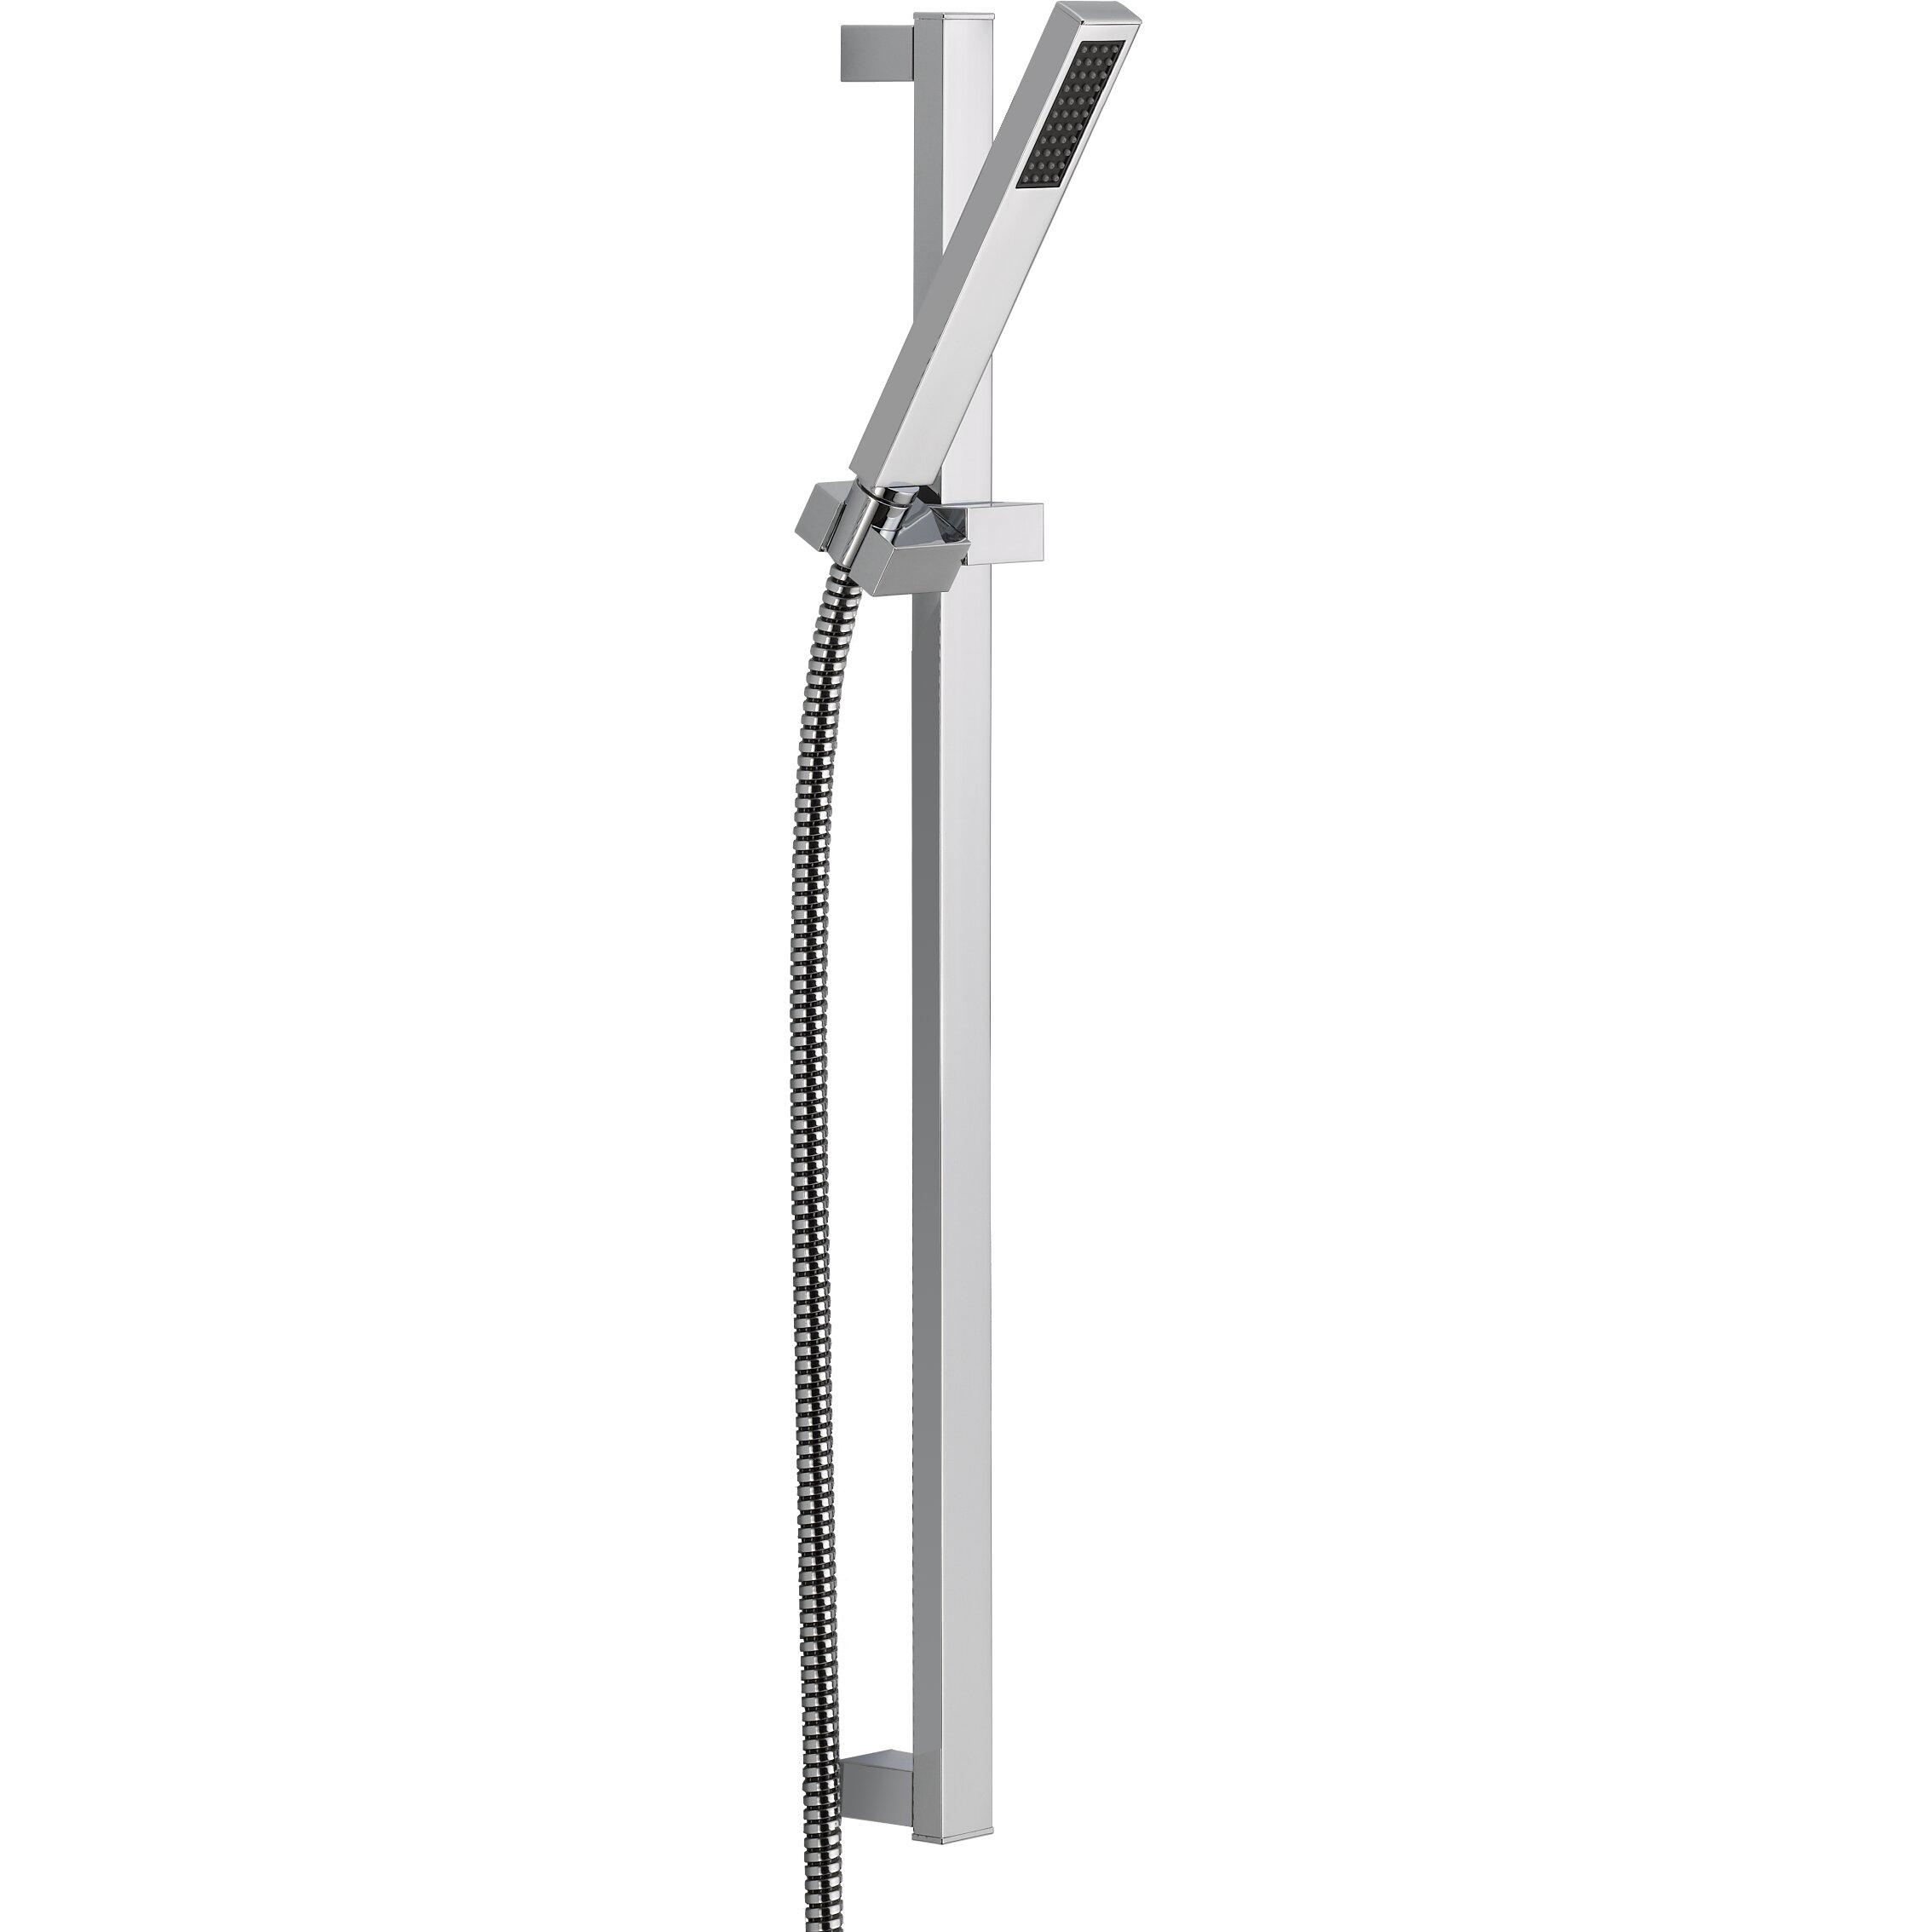 delta vero slide bar hand shower trim reviews wayfair. Black Bedroom Furniture Sets. Home Design Ideas